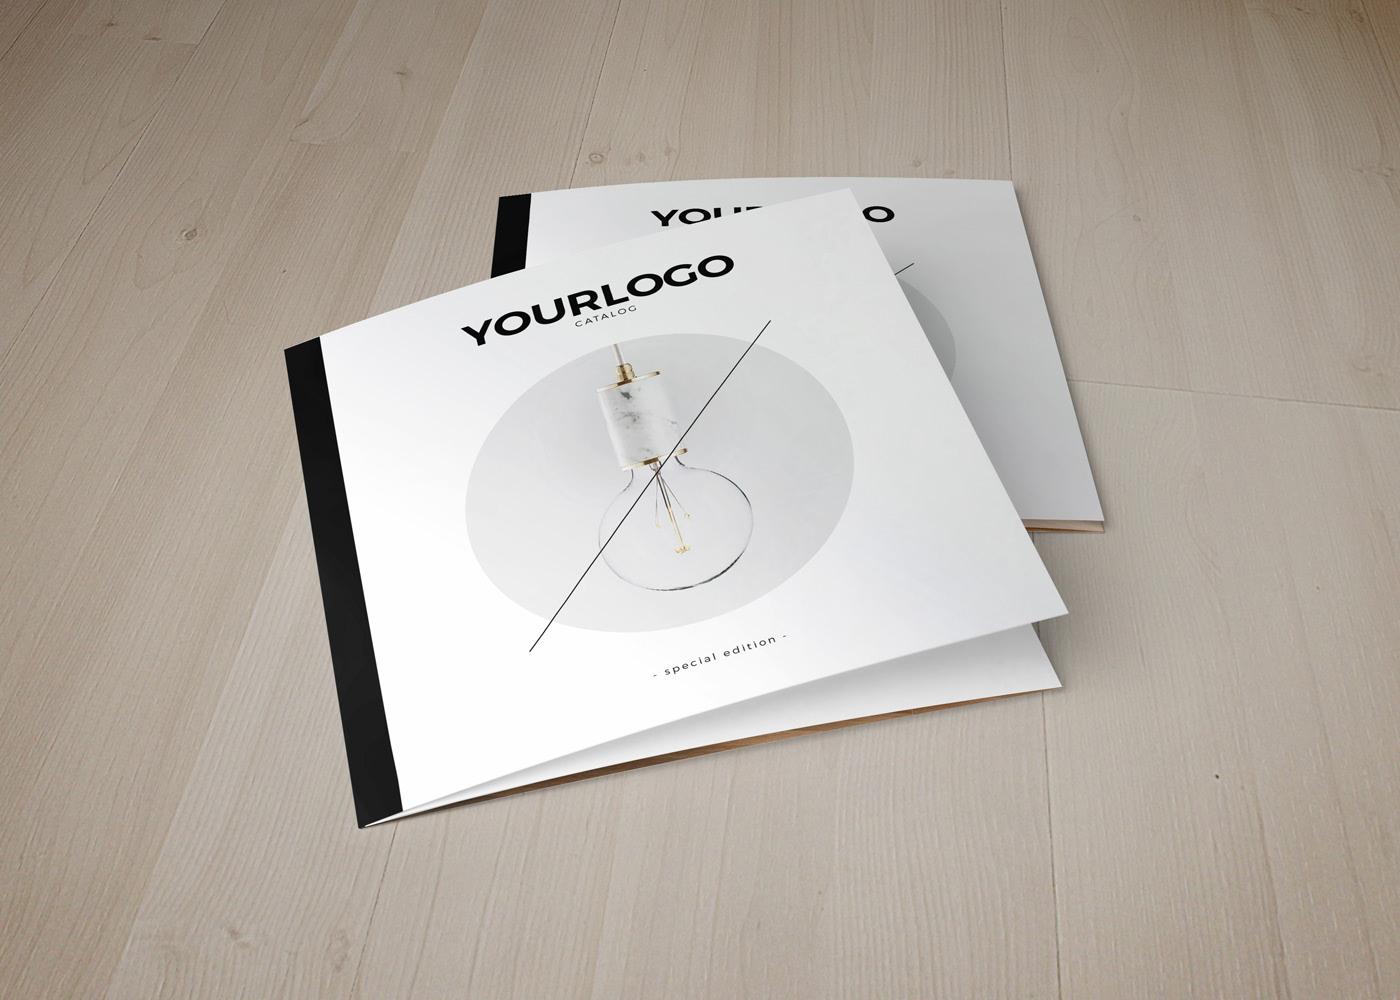 Square catalog trifold brochure design